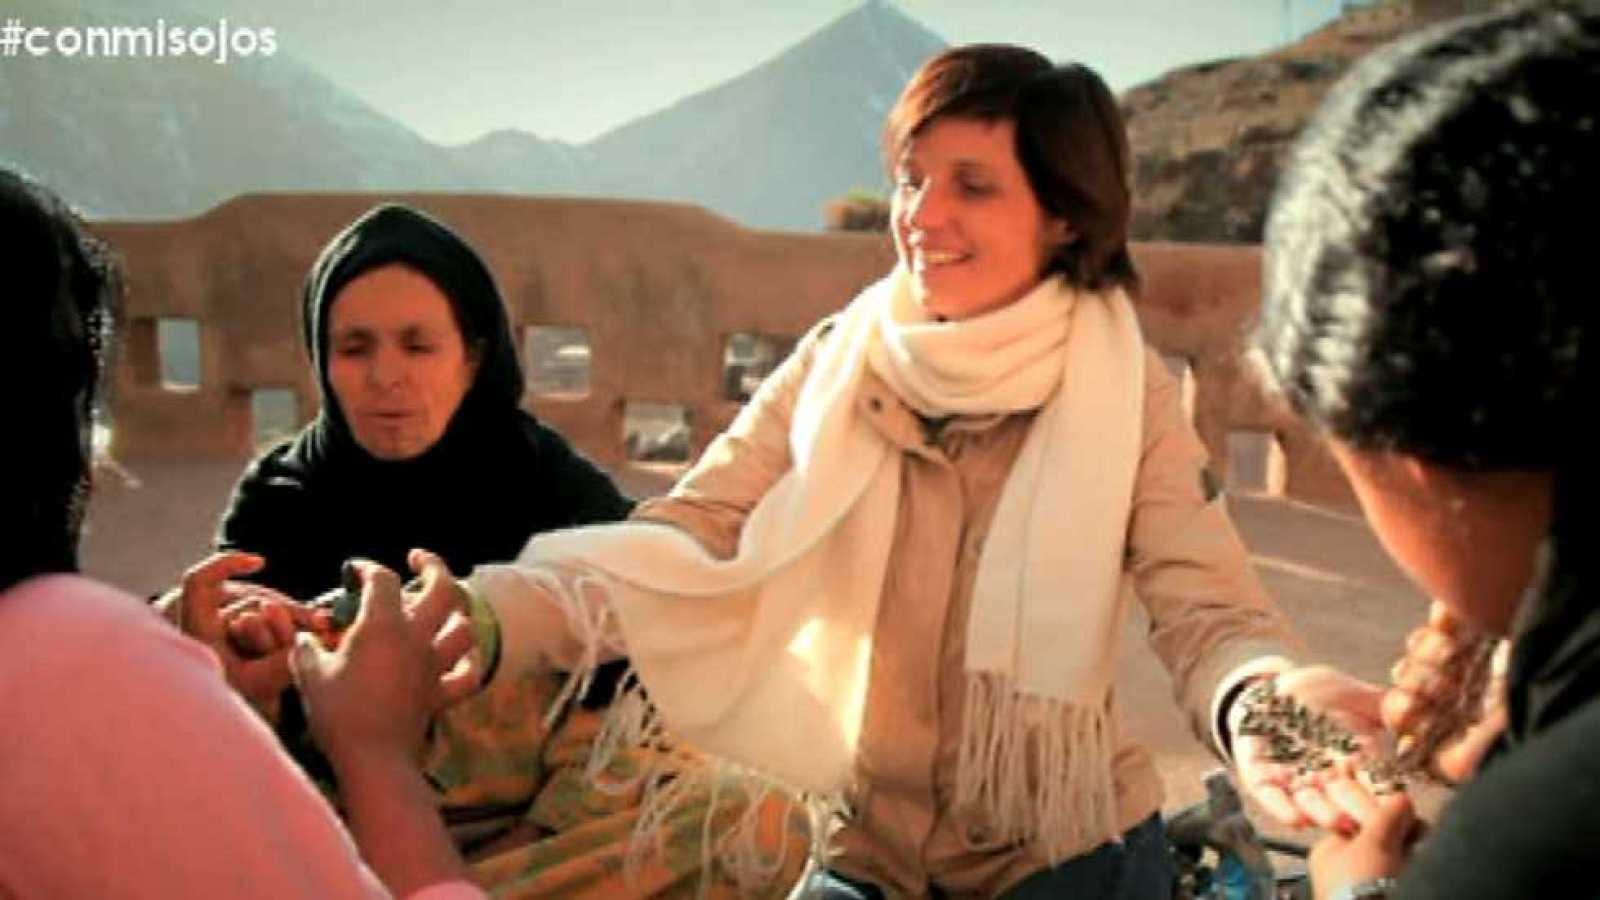 Con mis ojos - Tánger (Marruecos II) - Ver ahora